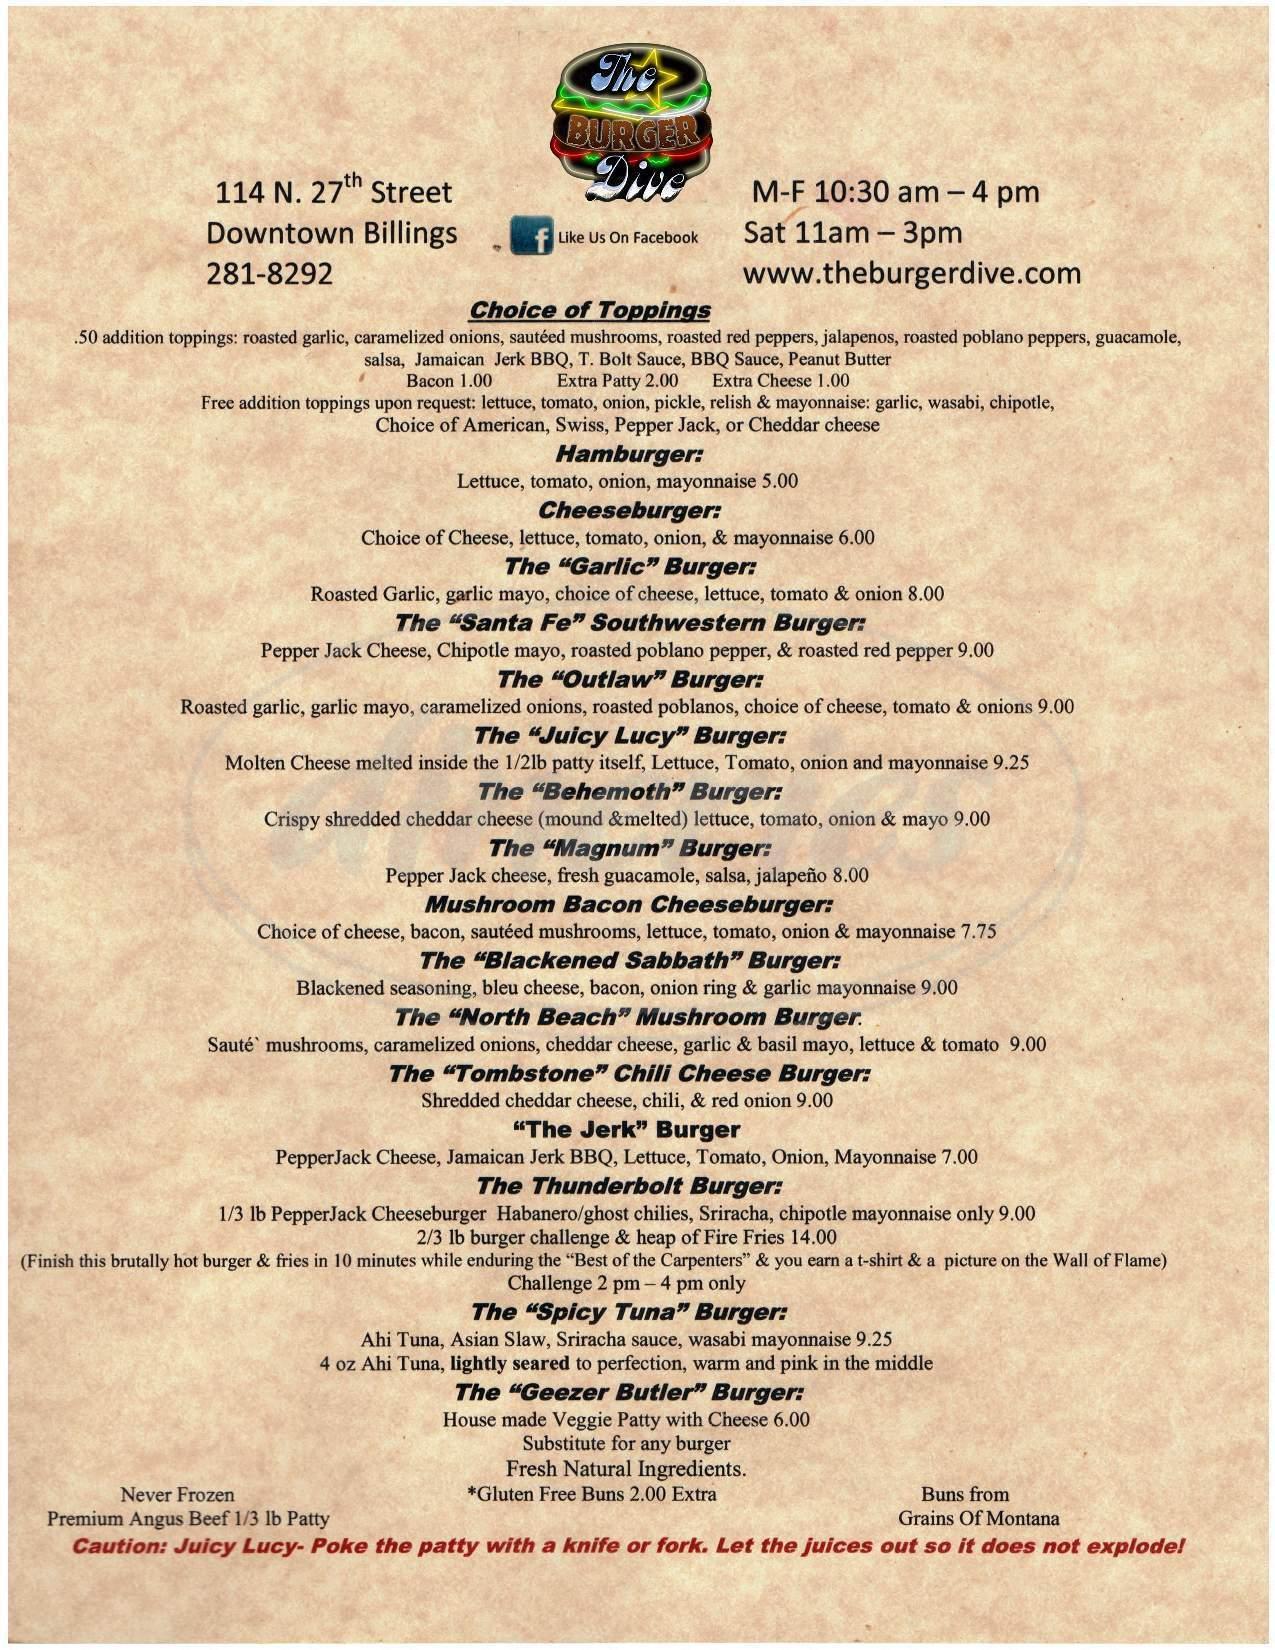 menu for The Burger Dive